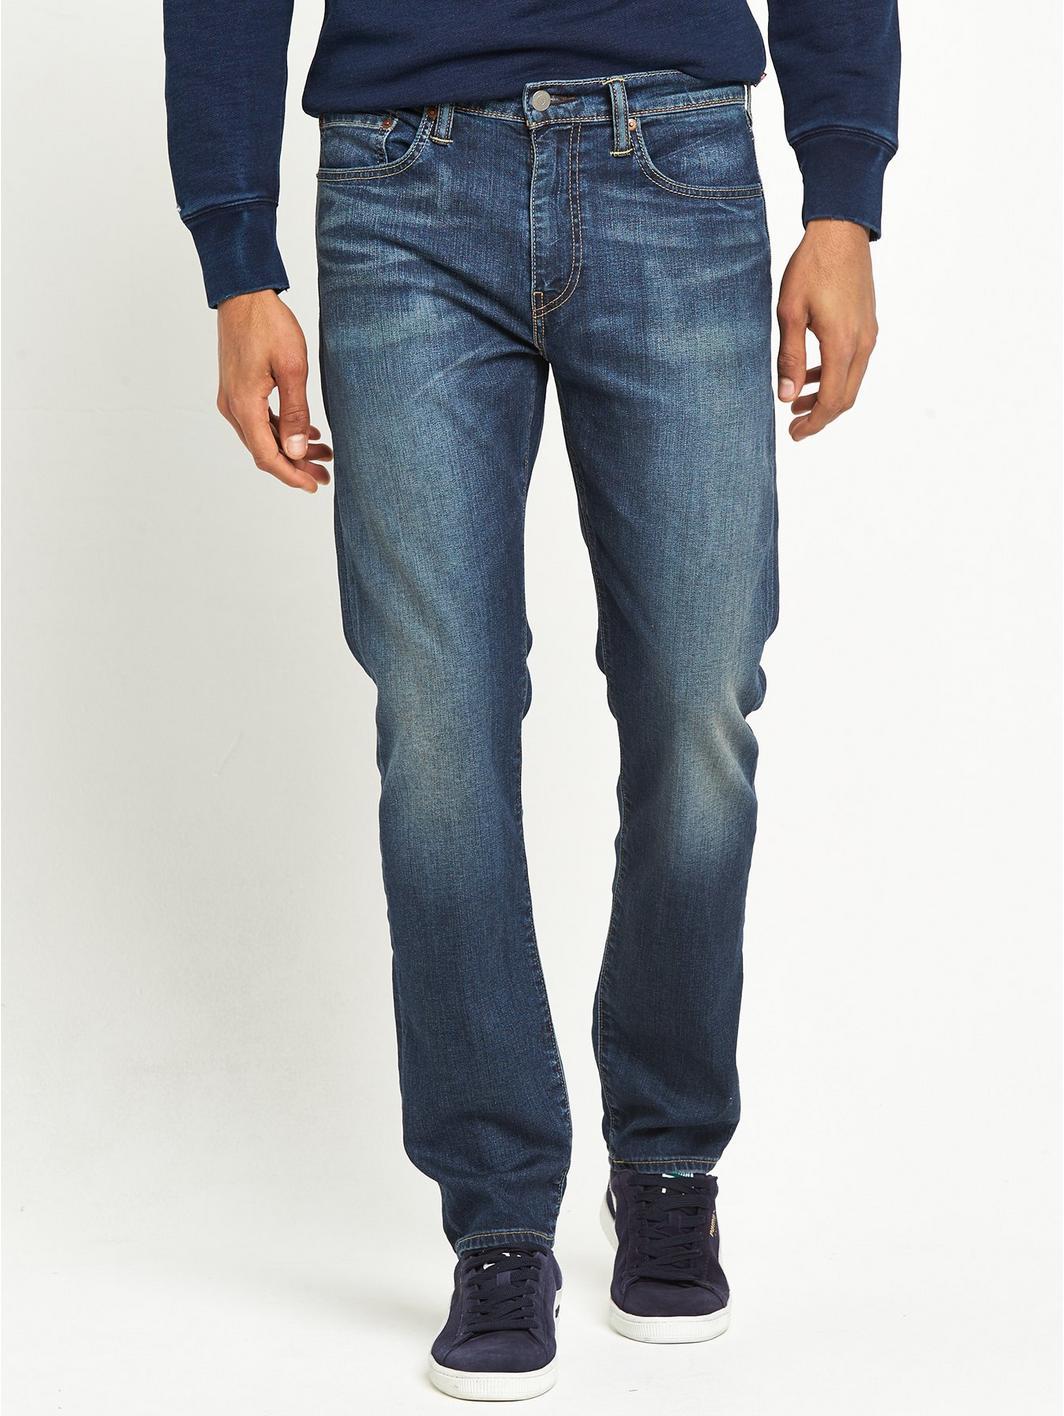 Straight Leg Jeans | Men